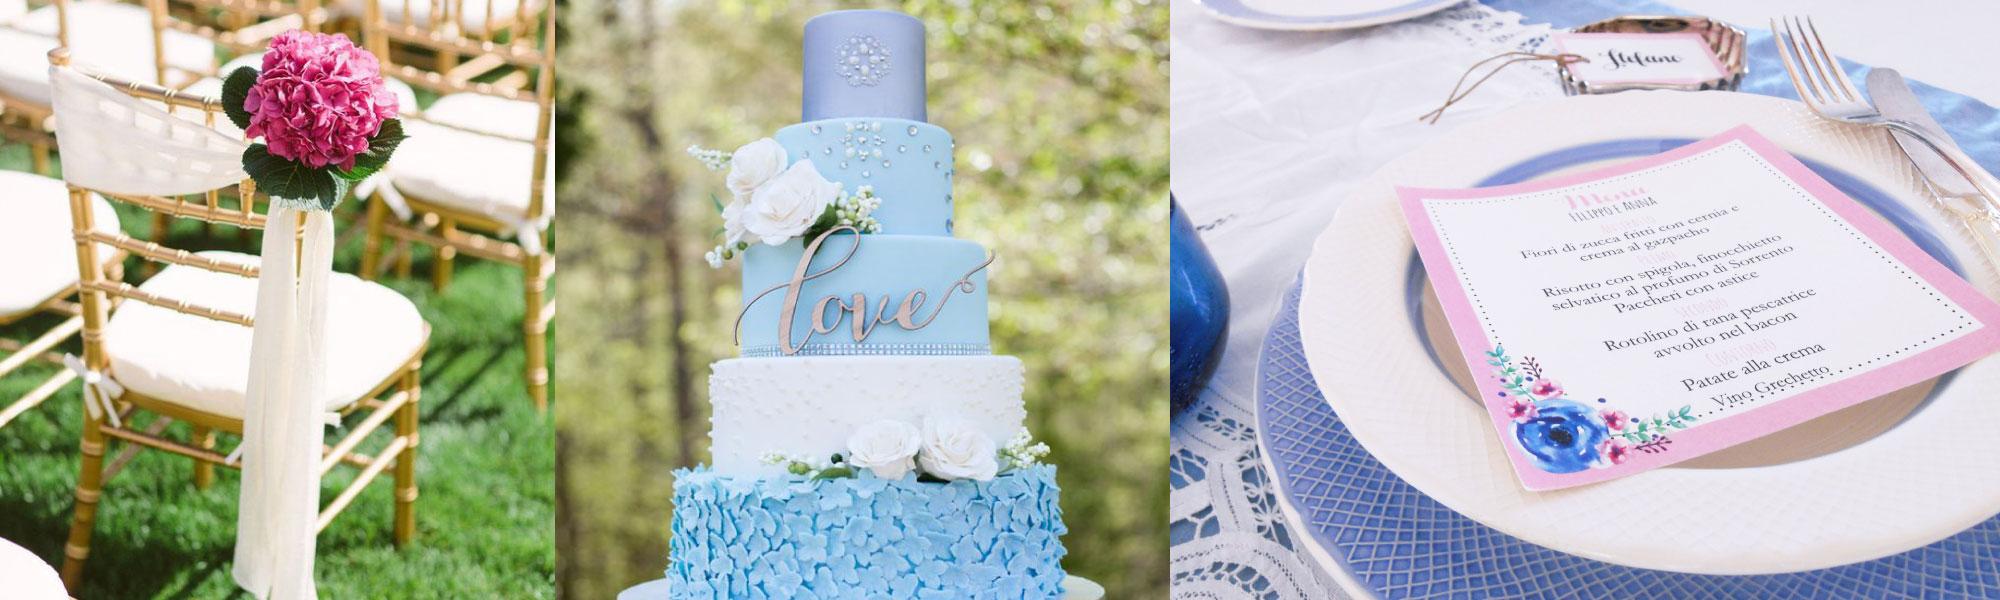 Design partecipazioni di nozze personalizzate eleganti